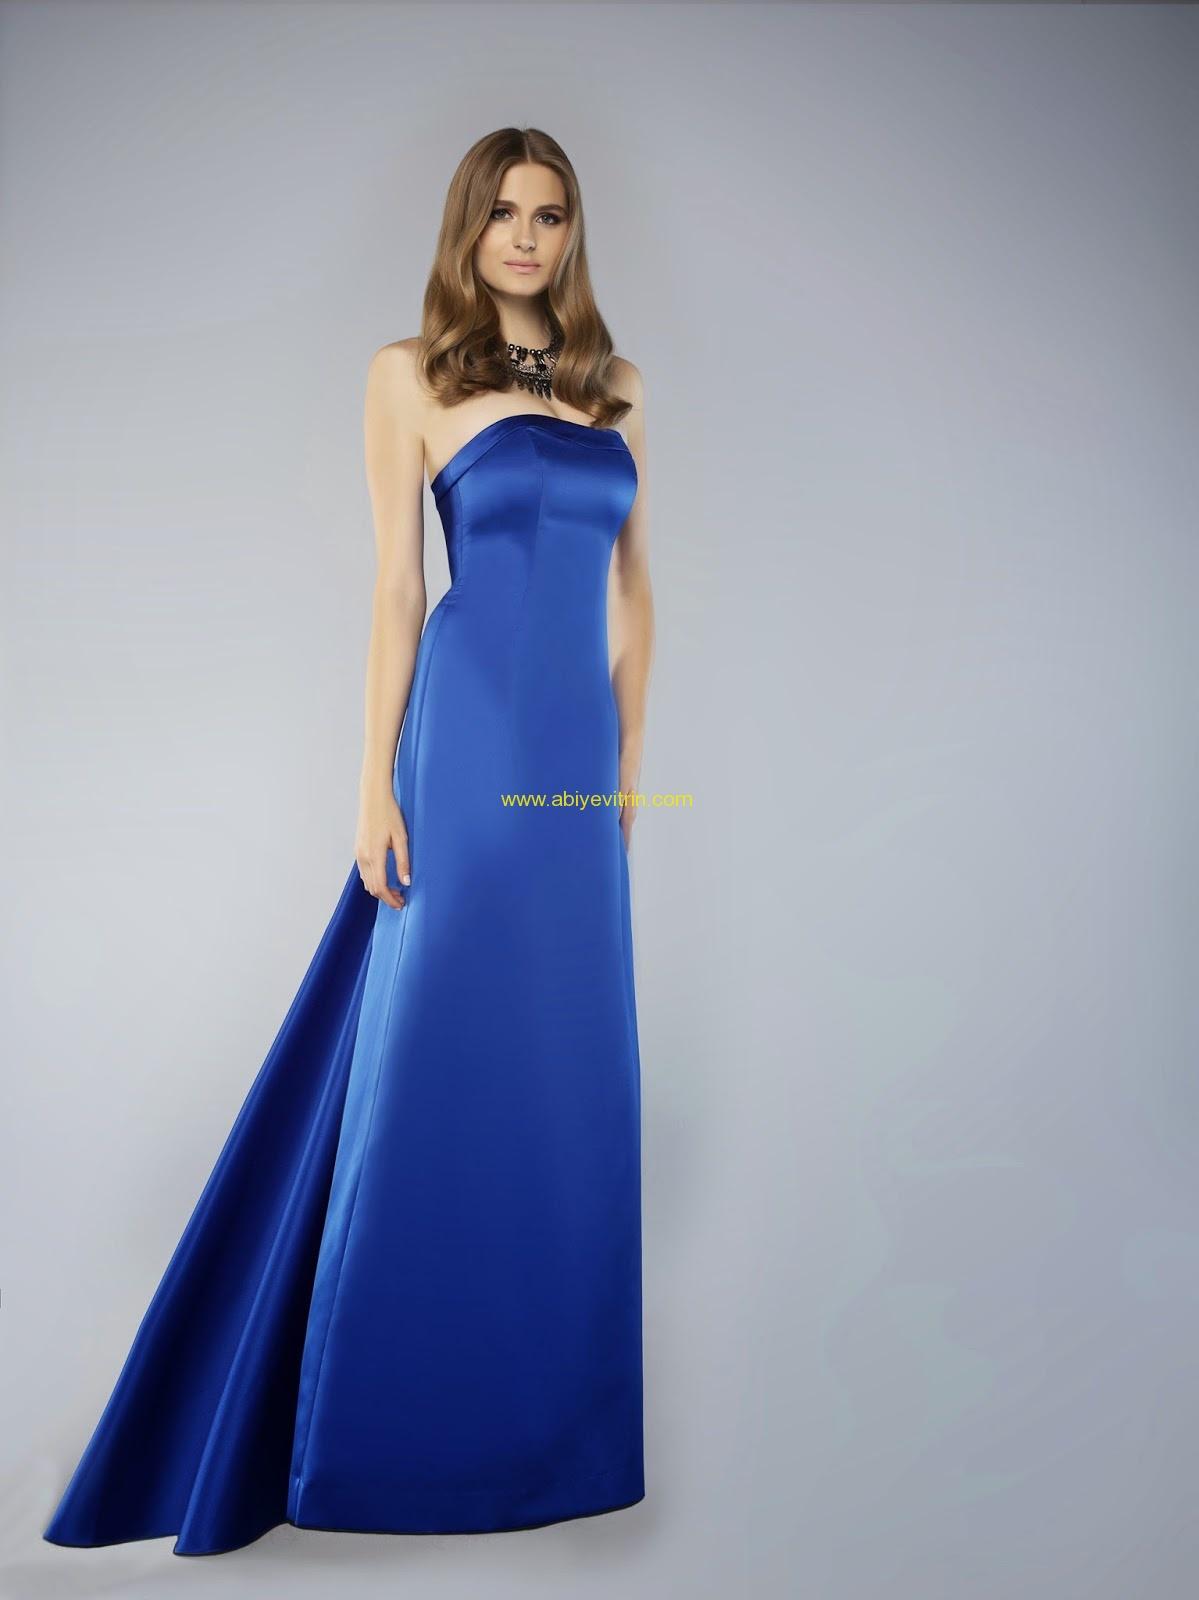 saks mavisi saten elbise